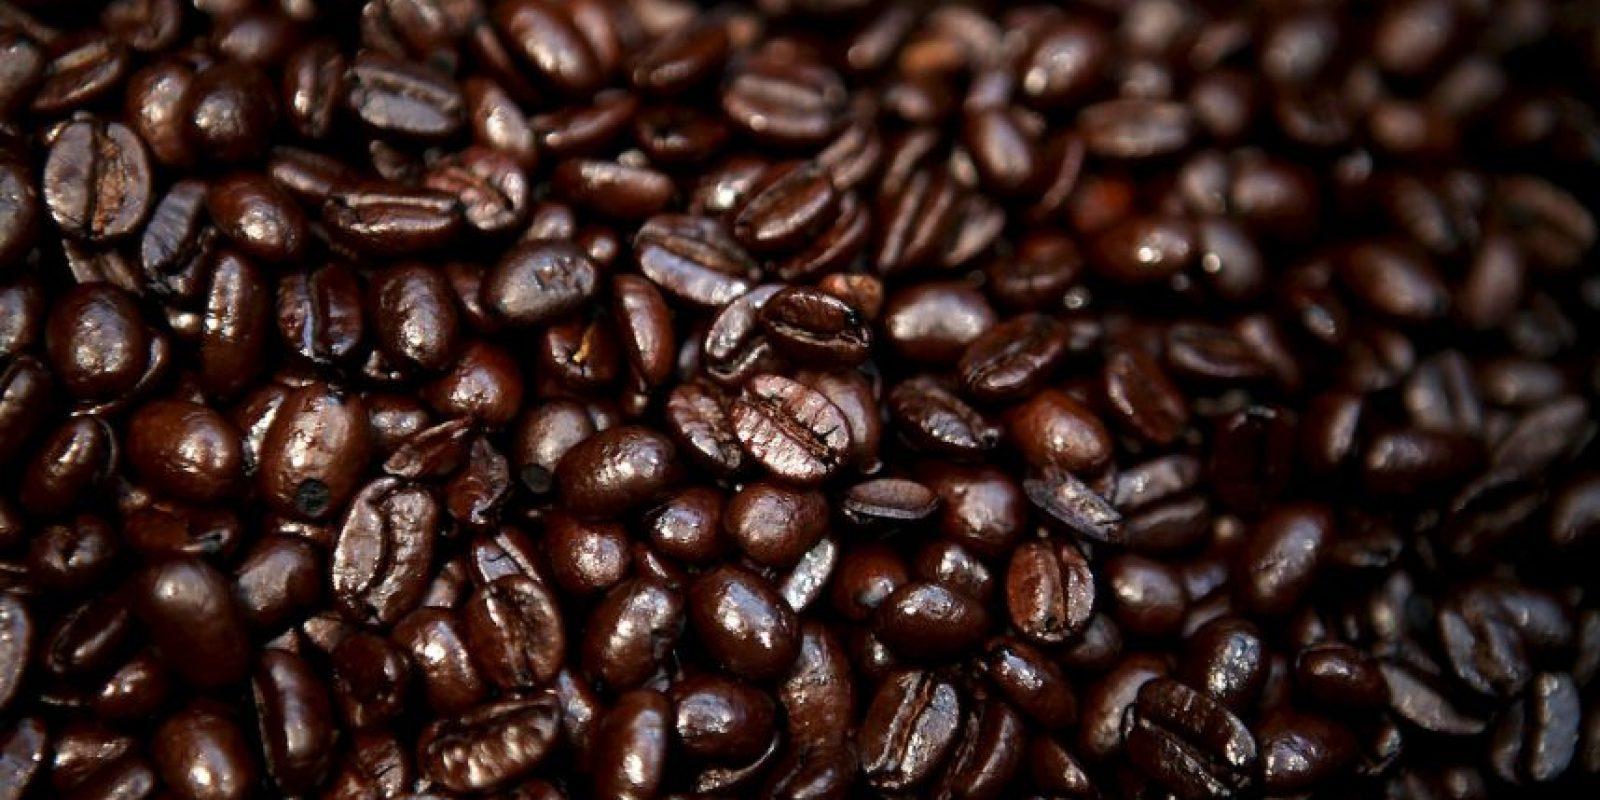 Numerosas evidencias científicas demuestran que el deterioro cognitivo se reduce a la mitad en las personas que tenían la costumbre de tomar regularmente tres tazas de café al día, tal como sucede con el Alzheimer. Foto:Getty Images